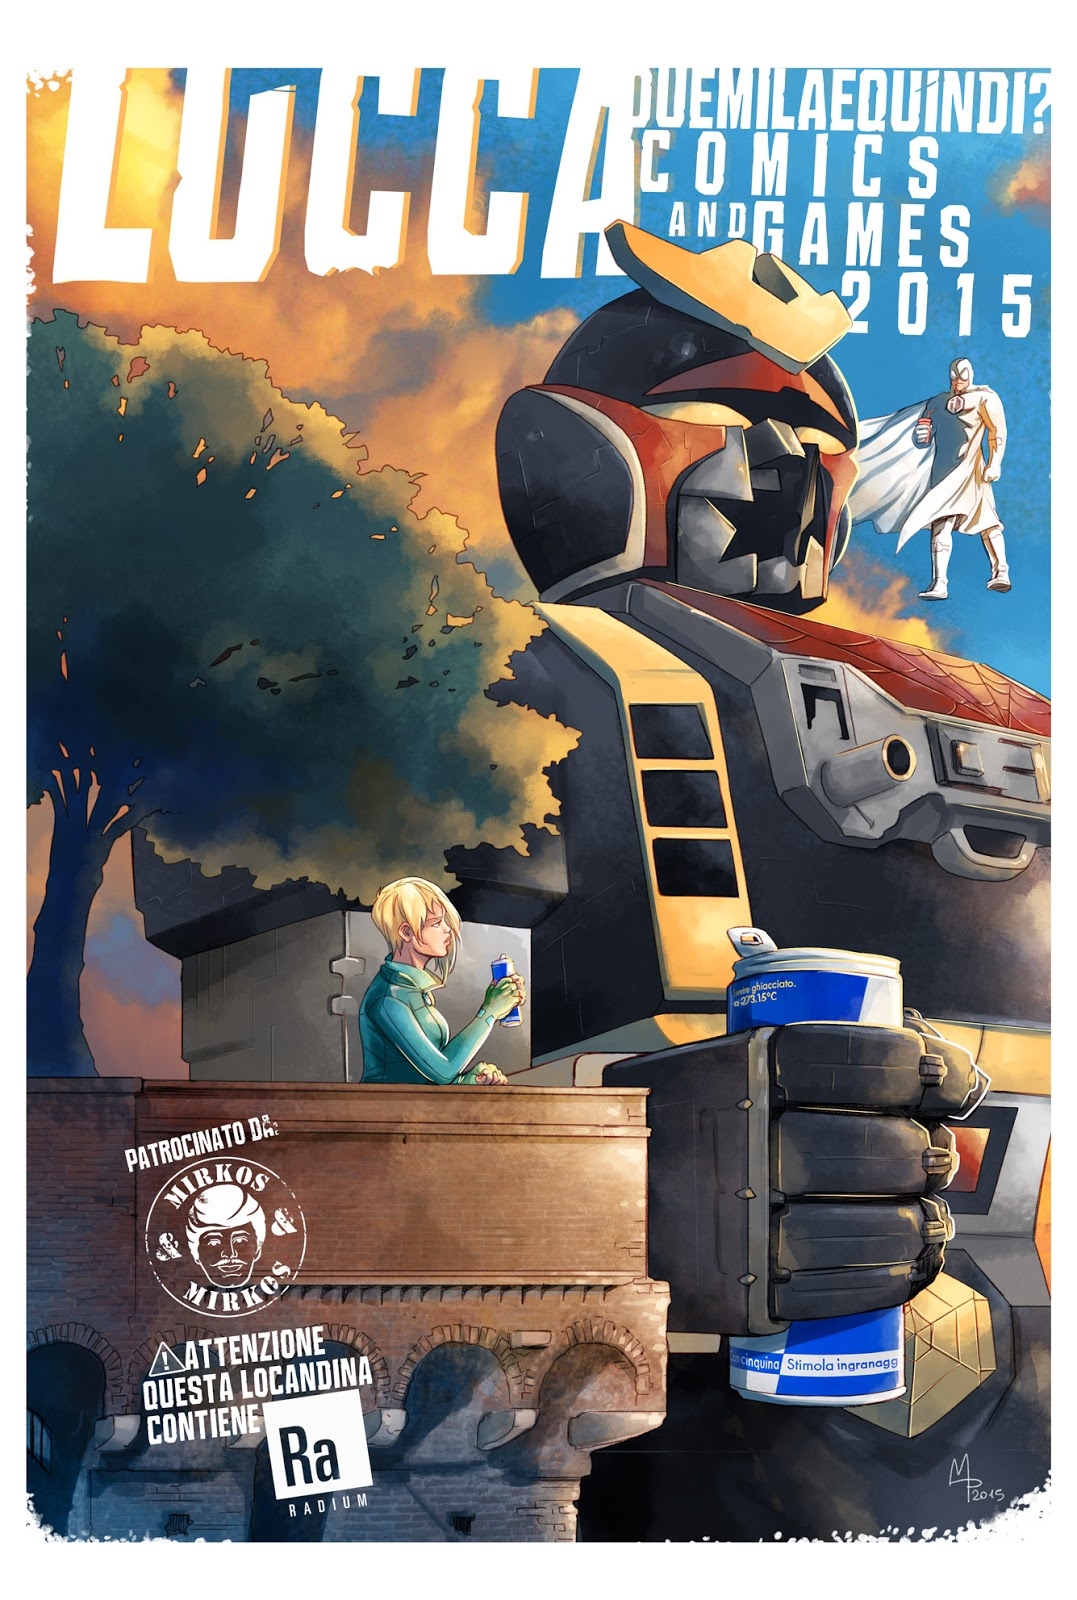 lucca+comics+games+2015